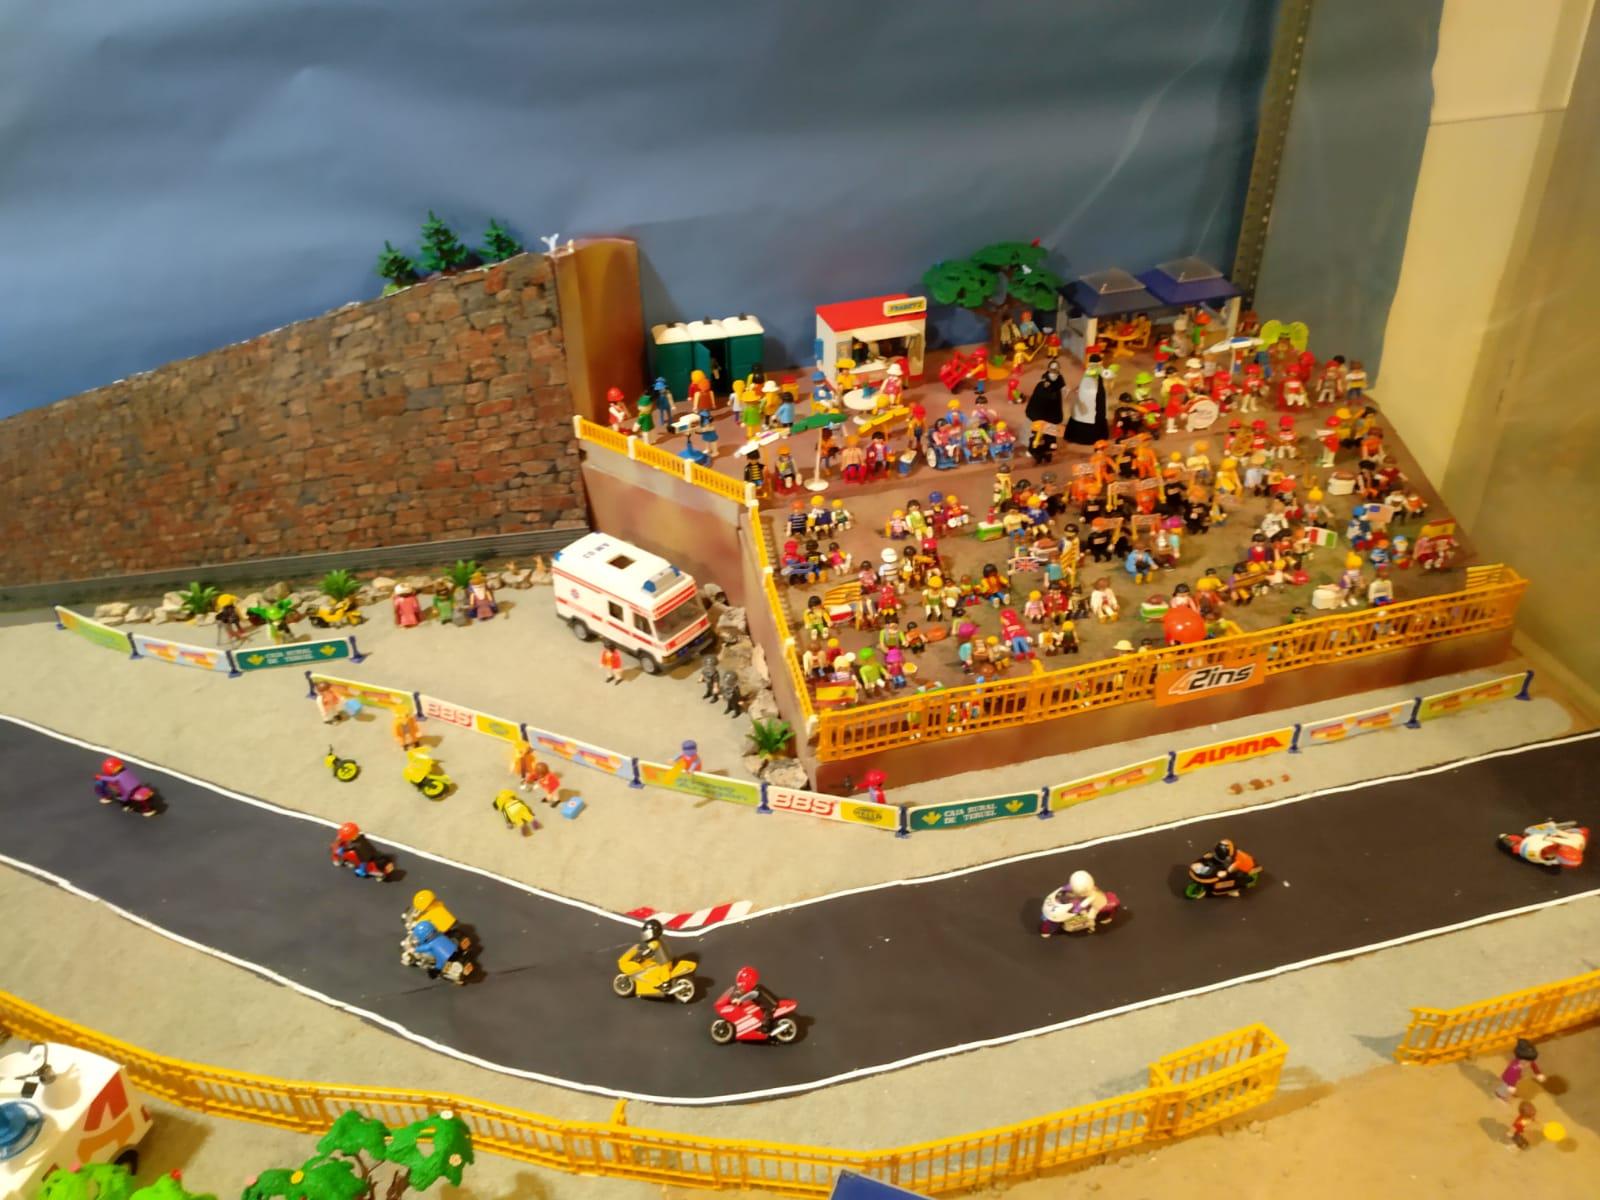 exposicion playmobil alcañiz de tiendas navidad1